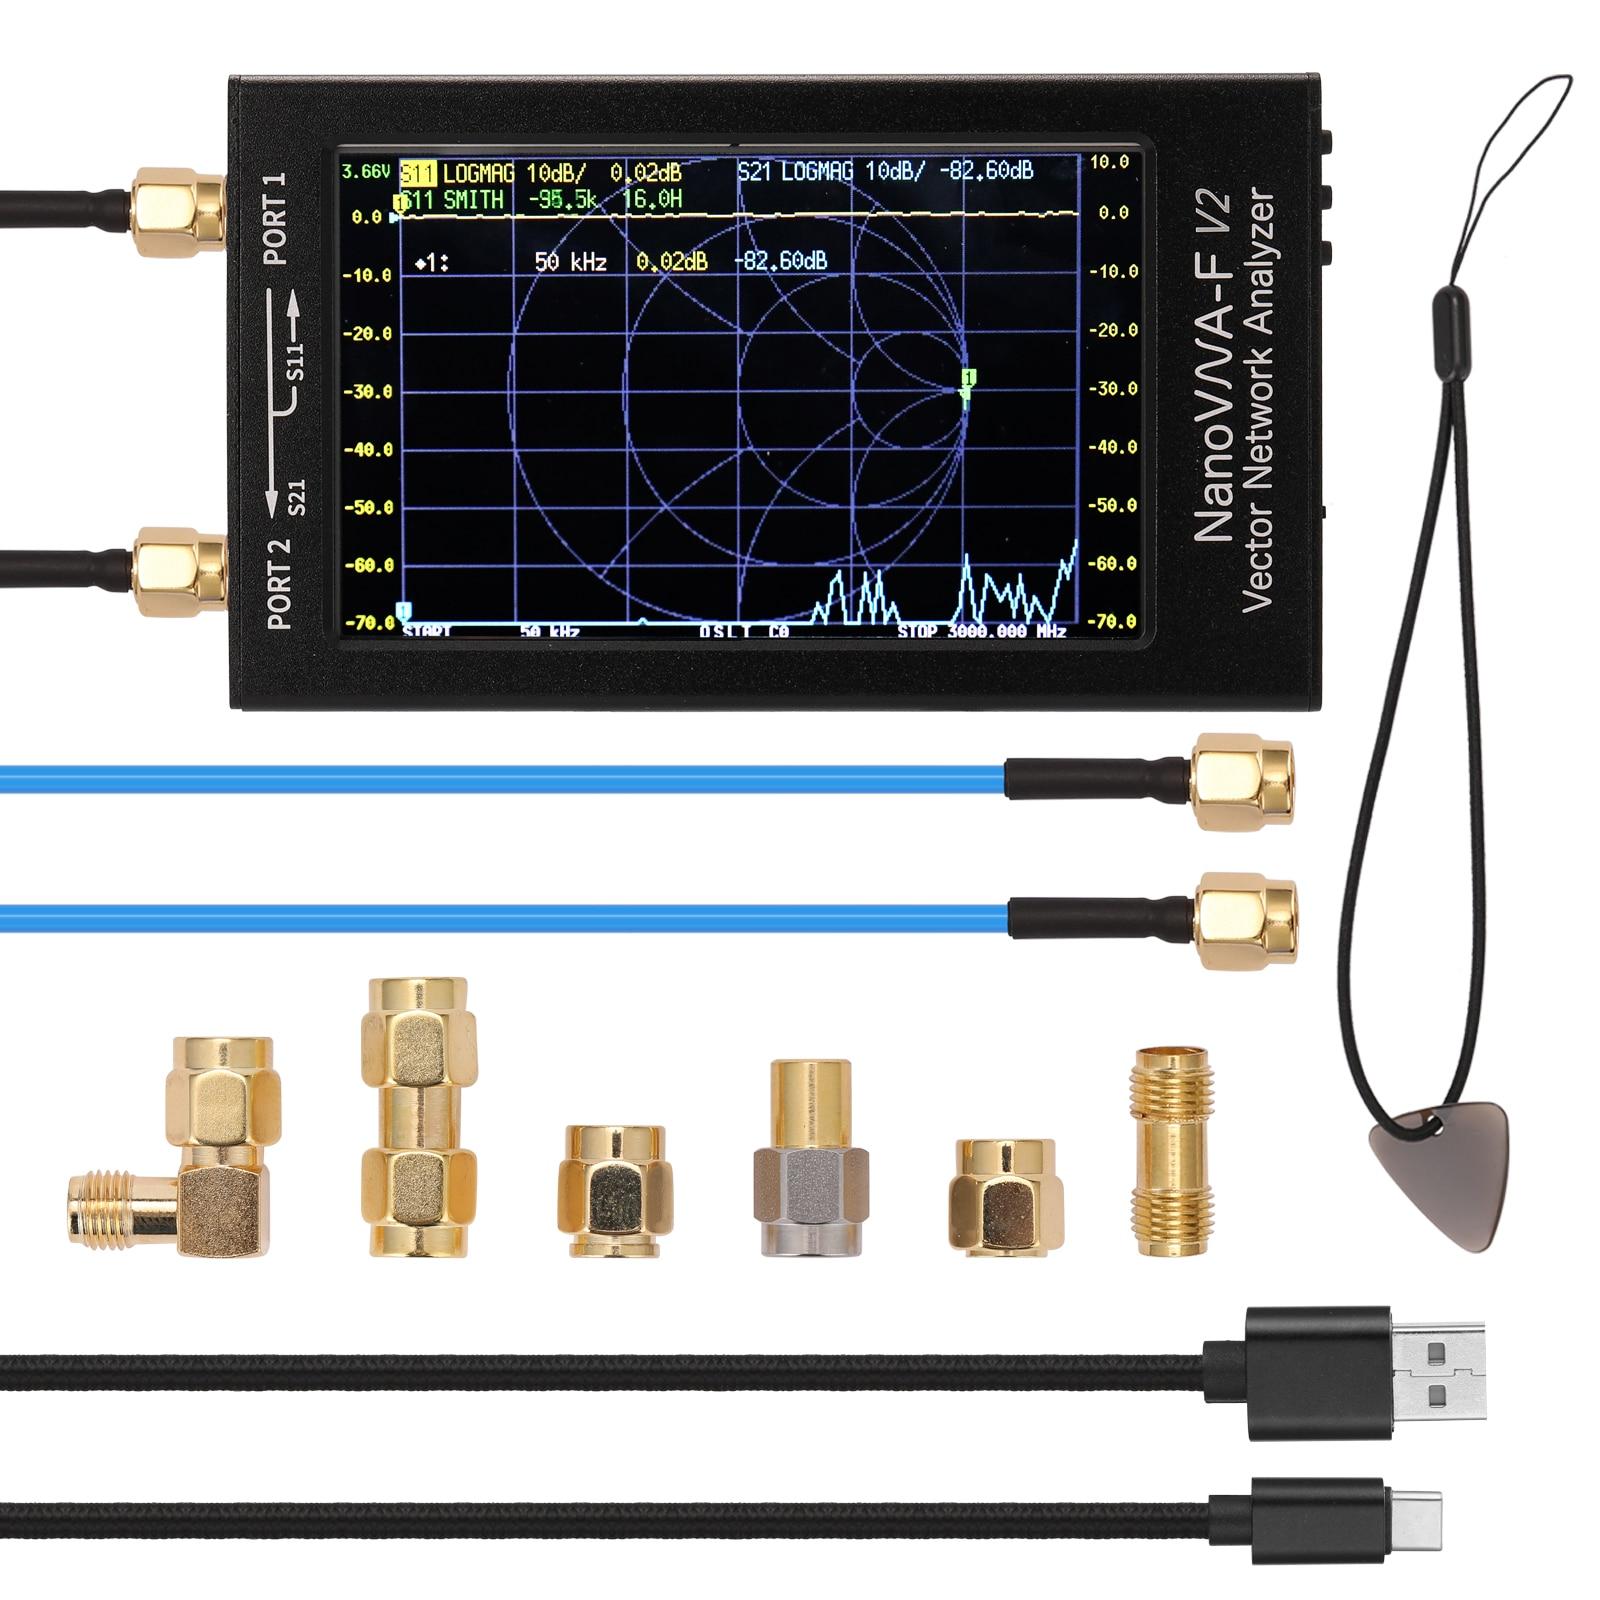 S-A-A-2 NanoVNA-F V2 ناقلات شبكة محلل الرقمية نانو VNA تستر MF HF VHF UHF USB المنطق هوائي محلل الدائمة موجة